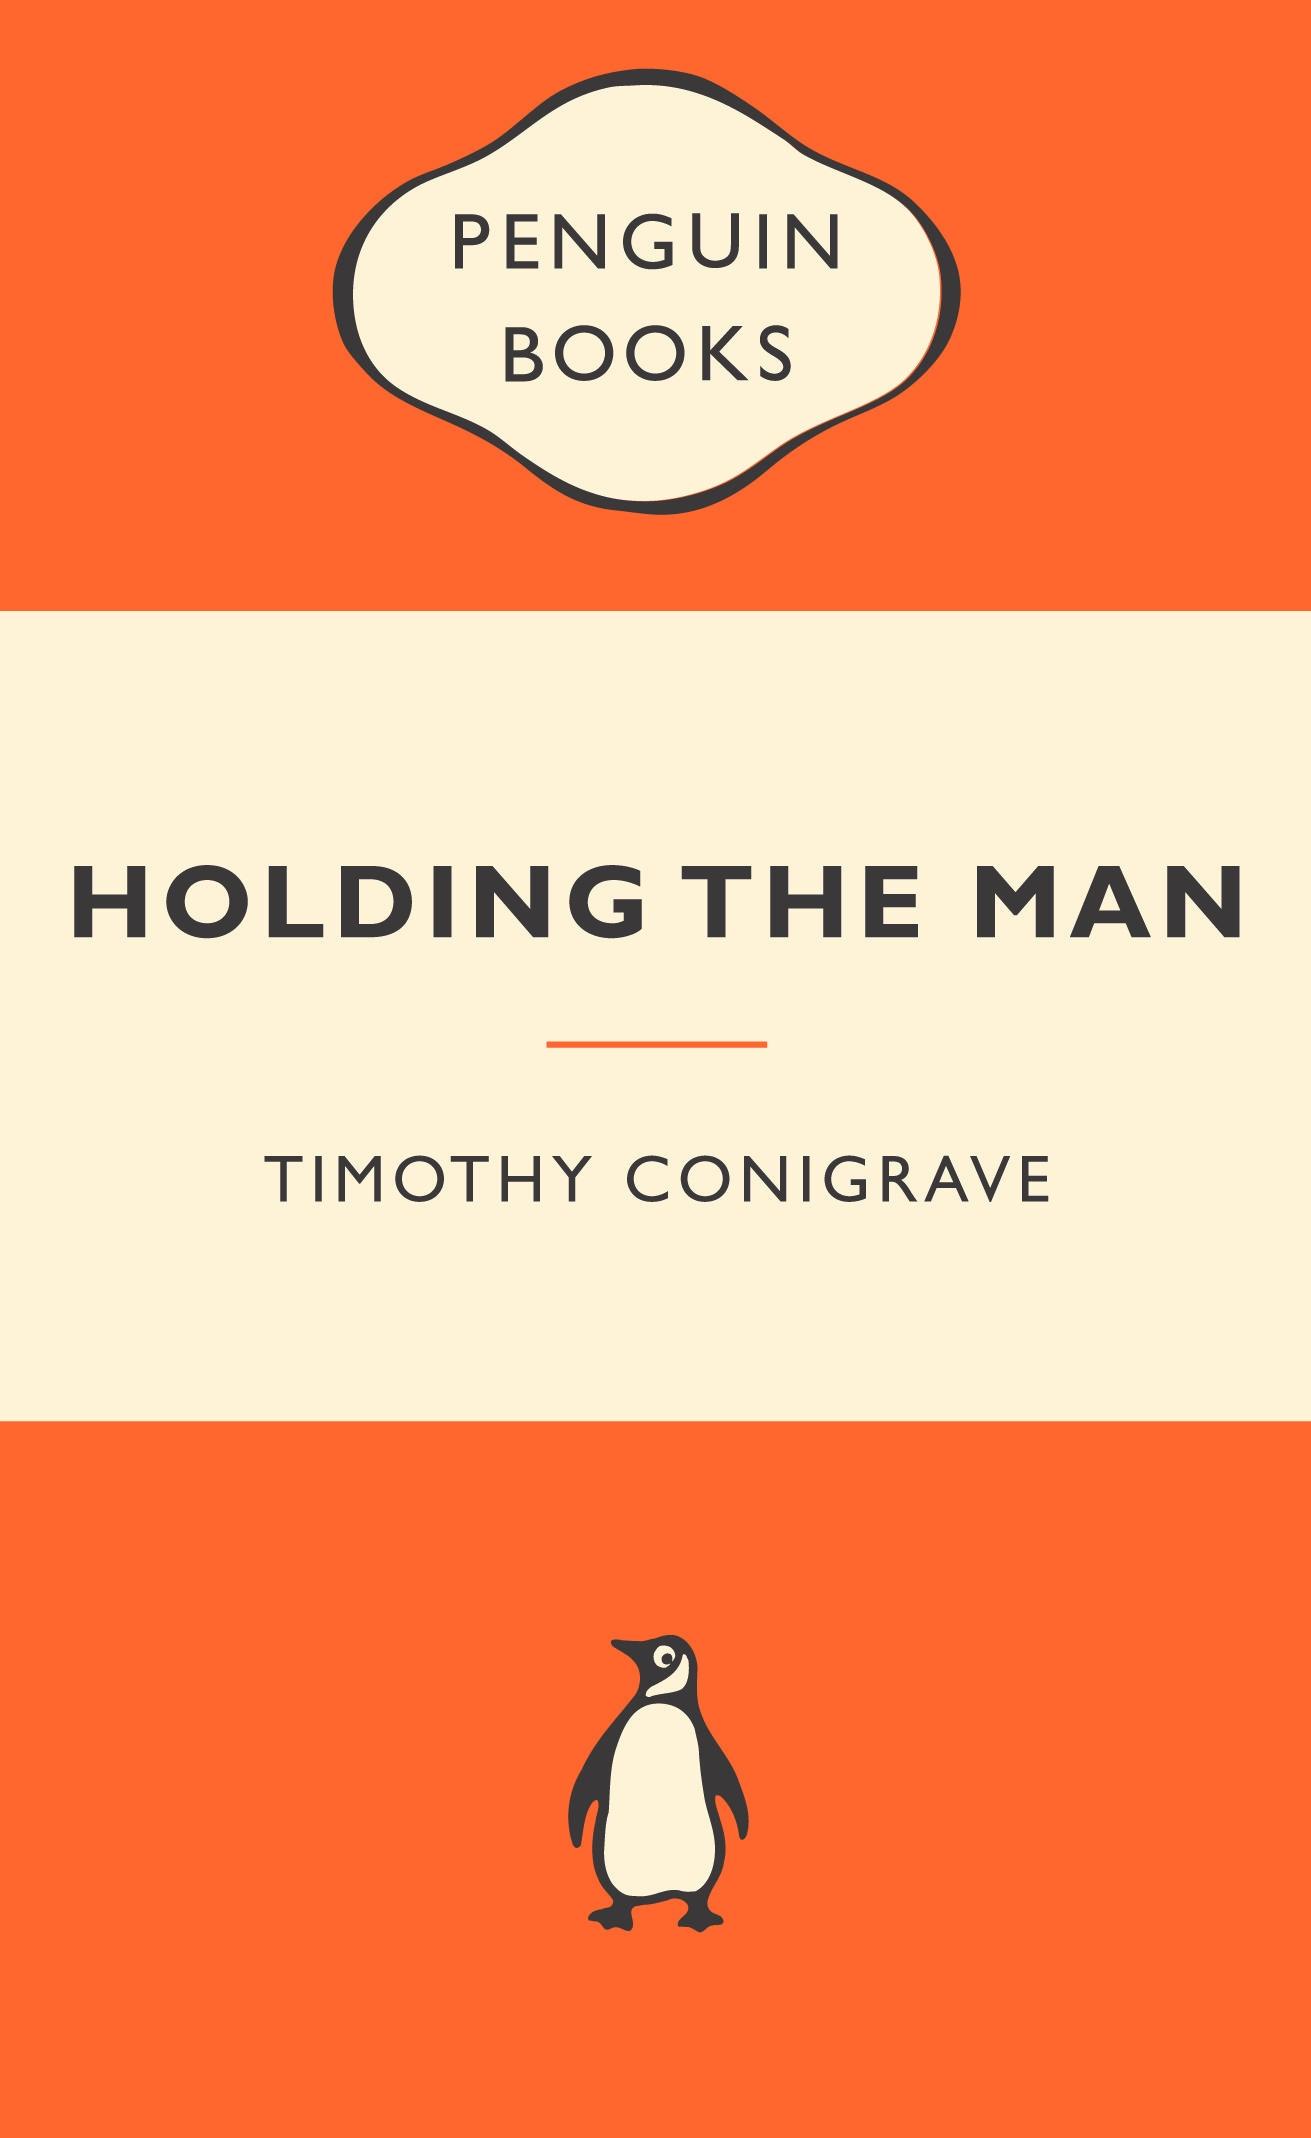 Penguin Book Cover Job : Holding the man popular penguins penguin books australia